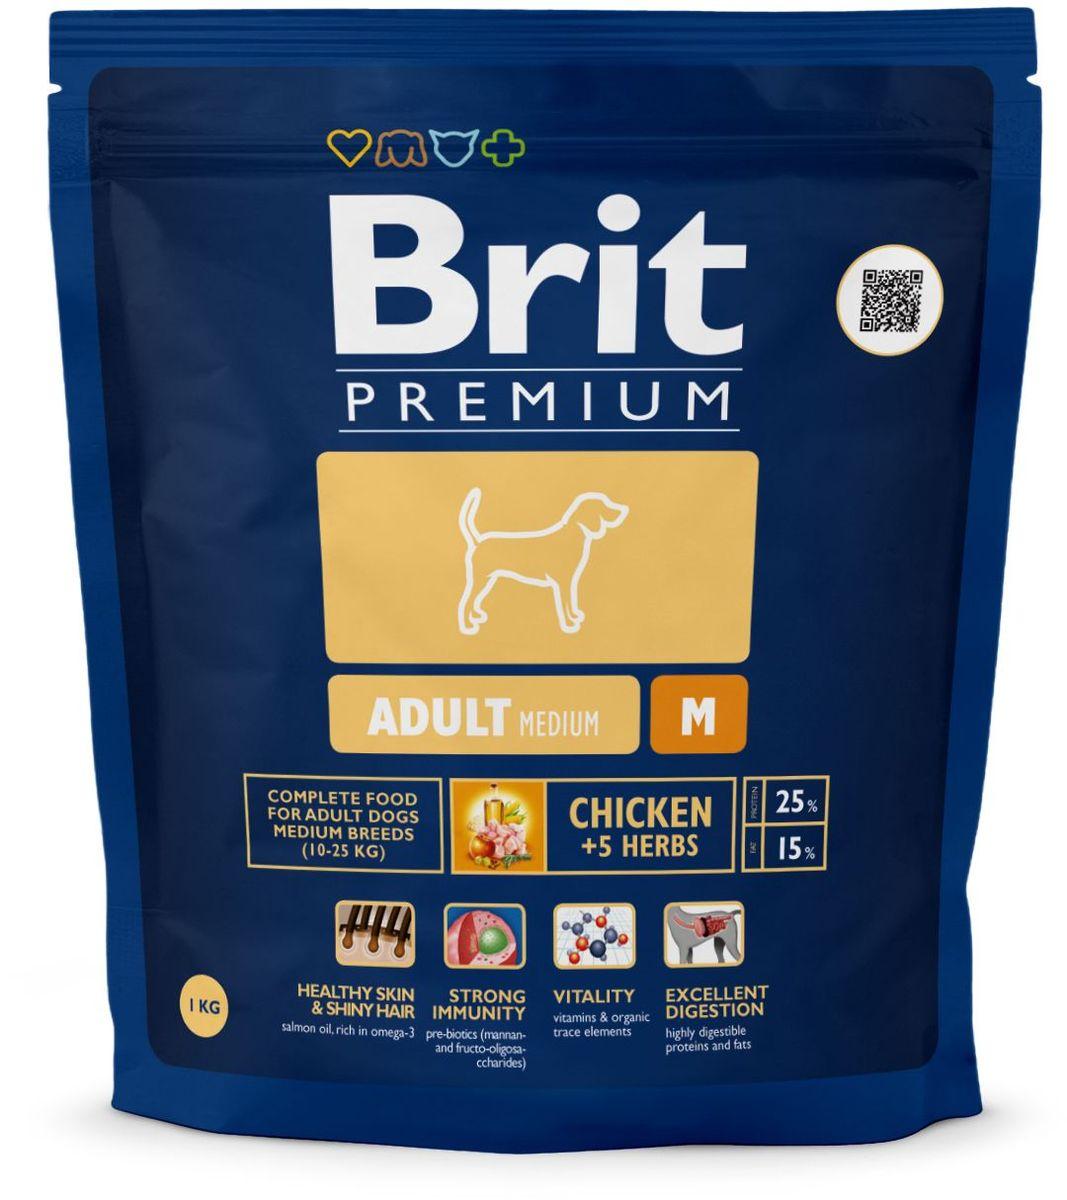 Корм сухой Brit Premium Adult M для взрослых собак средних пород, с курицей и травами, 1 кг132354Сухой корм Brit Premium Adult M - полнорационный корм для взрослых собак средних пород (10-25 кг). Как правило, собаки средних пород - рабочие собаки. Для активно работающих собак очень важно иметь правильное пищеварение и здоровый пищеварительный тракт, что в полной мере может обеспечить баланс клетчатки и пребиотиков, который оптимален в кормах Brit. Содержание Омега-3 и Омега-6 жирных кислот способствует правильному развитию и деятельности головного мозга. Жирные кислоты так же поддерживают отличное состояние кожи и шерсти, способствует скорейшему заживлению ран и восстановлению после травм, а входящие в состав активные антиоксиданты, поддерживают развитие деятельности иммунной системы. Средние породы склонны к ожирению, поэтому для них необходим оптимальный баланс протеинов и жиров. Состав: мука из мяса курицы (41%), кукуруза, пшеница, рис, куриный жир (консервированный токоферолами), масло лосося, пивные дрожжи, натуральные ароматизаторы, сушеные яблоки, минеральные вещества, экстракт из трав и фруктов (300 мг/кг), мананоолигосахариды (150 мг/кг), фруктоолигосахариды (100 мг/кг), экстракт юкки шидигеры (80 мг/кг), органическая Е4 медь, органический Е6 цинк, органический селен. Аналитические составляющие: сырой протеин 25,0%, сырой жир 15,0%, влага 10,0%, сырая зола 6,4%, необработанные волокна 2,2%, кальций 1,4%, фосфор 1,0%. Пищевые добавки: витамин A 15 000 МЕ, витамин D3 1 500 МЕ, витамин E (q-токоферол) 500 мг, Е1 железо 80 мг, Е6 цинк 70 мг, Е5 марганец 36 мг, Е4 медь 20 мг, Е2 йод 0,65 мг, Е8 селен 0,2 мг. Энергетическая ценность: 4 143 ккал/кг. Товар сертифицирован.